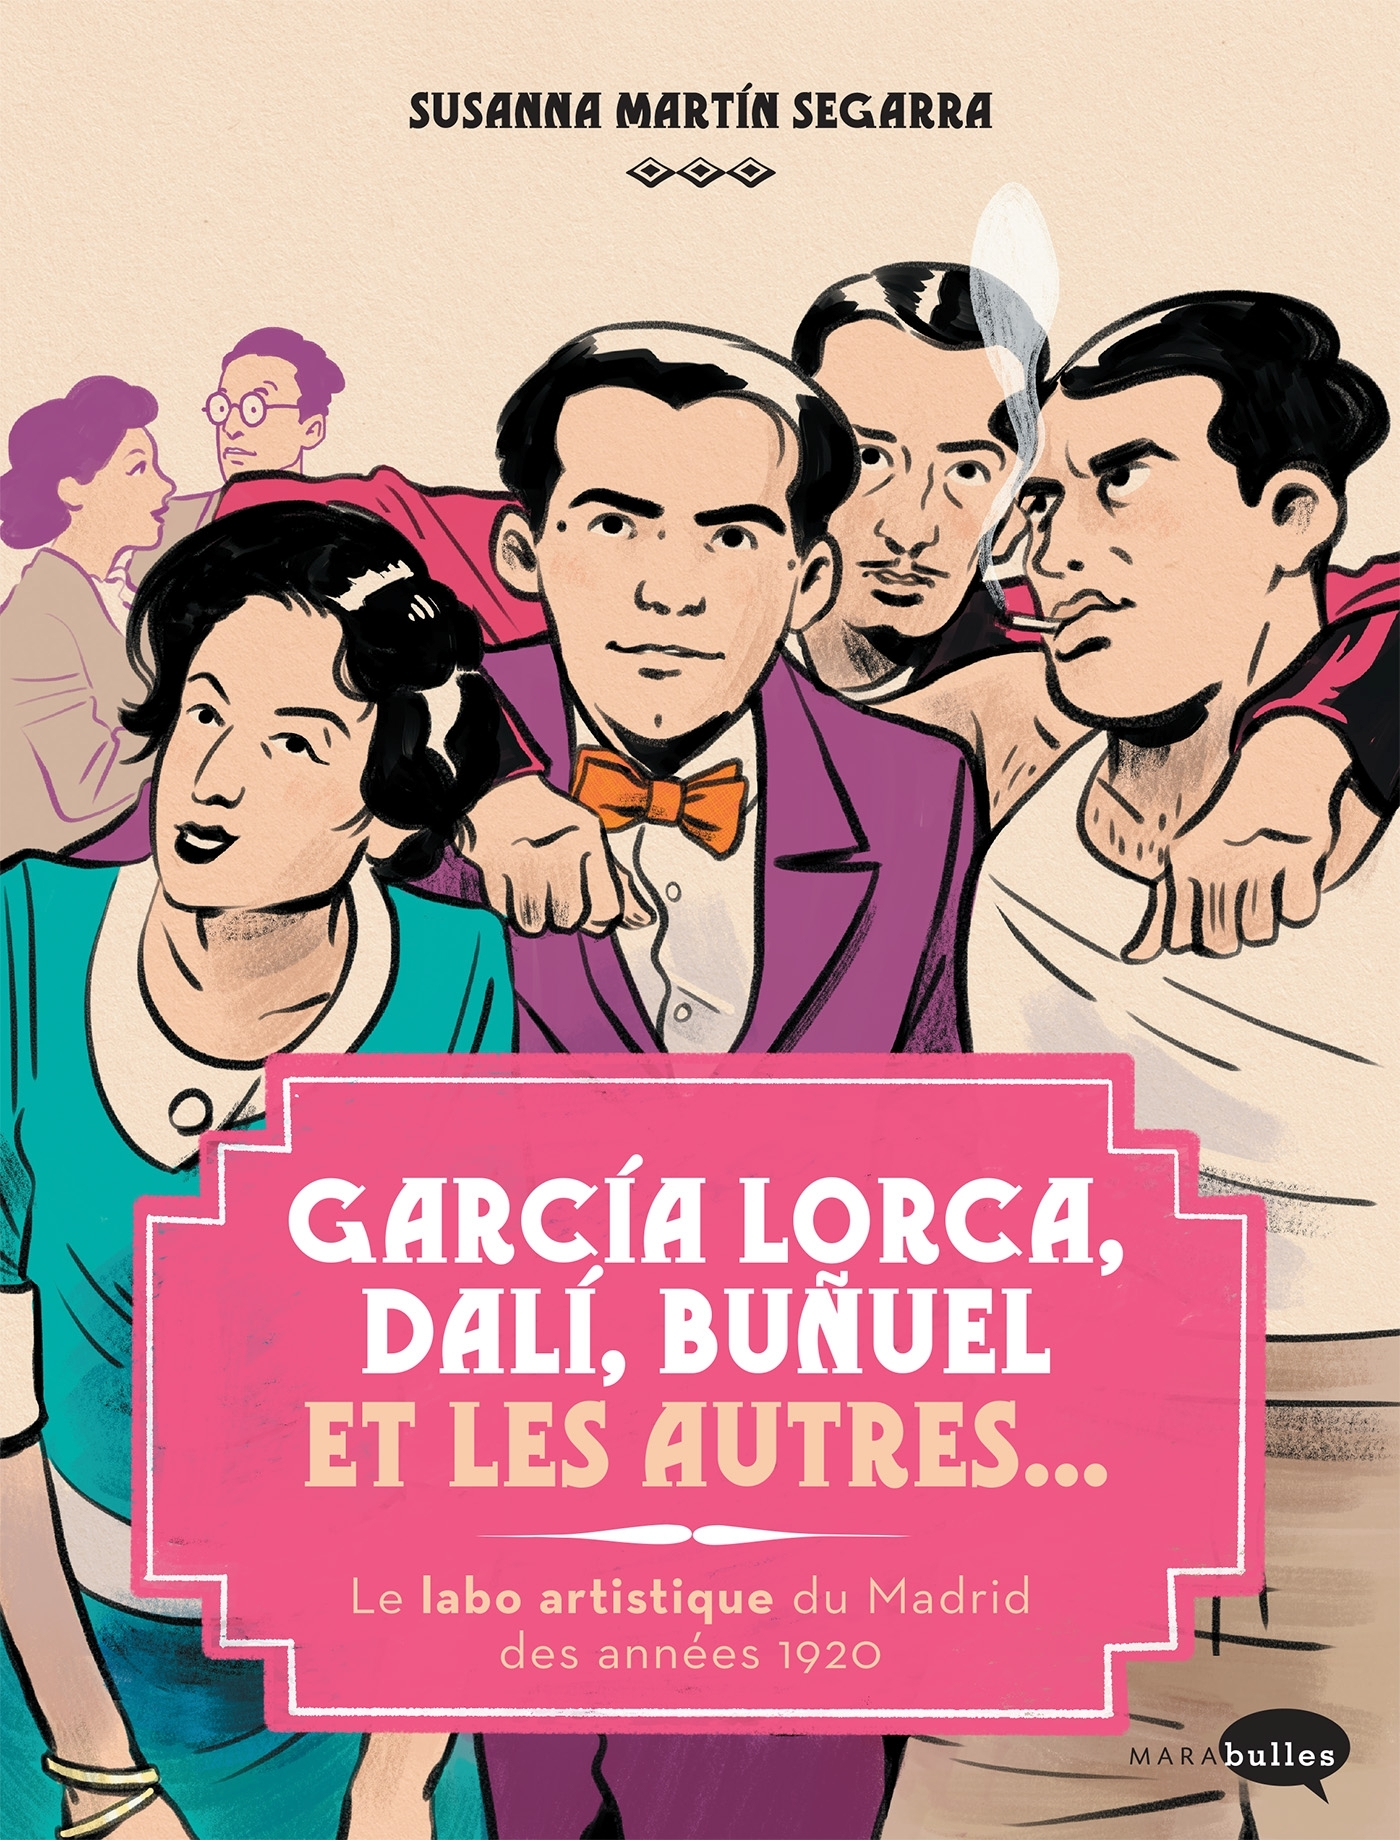 GARCIA LORCA, DALI, BUNUEL ET LES AUTRES... - LE LABO ARTISTIQUE DE MADRID DES ANNEES 1920